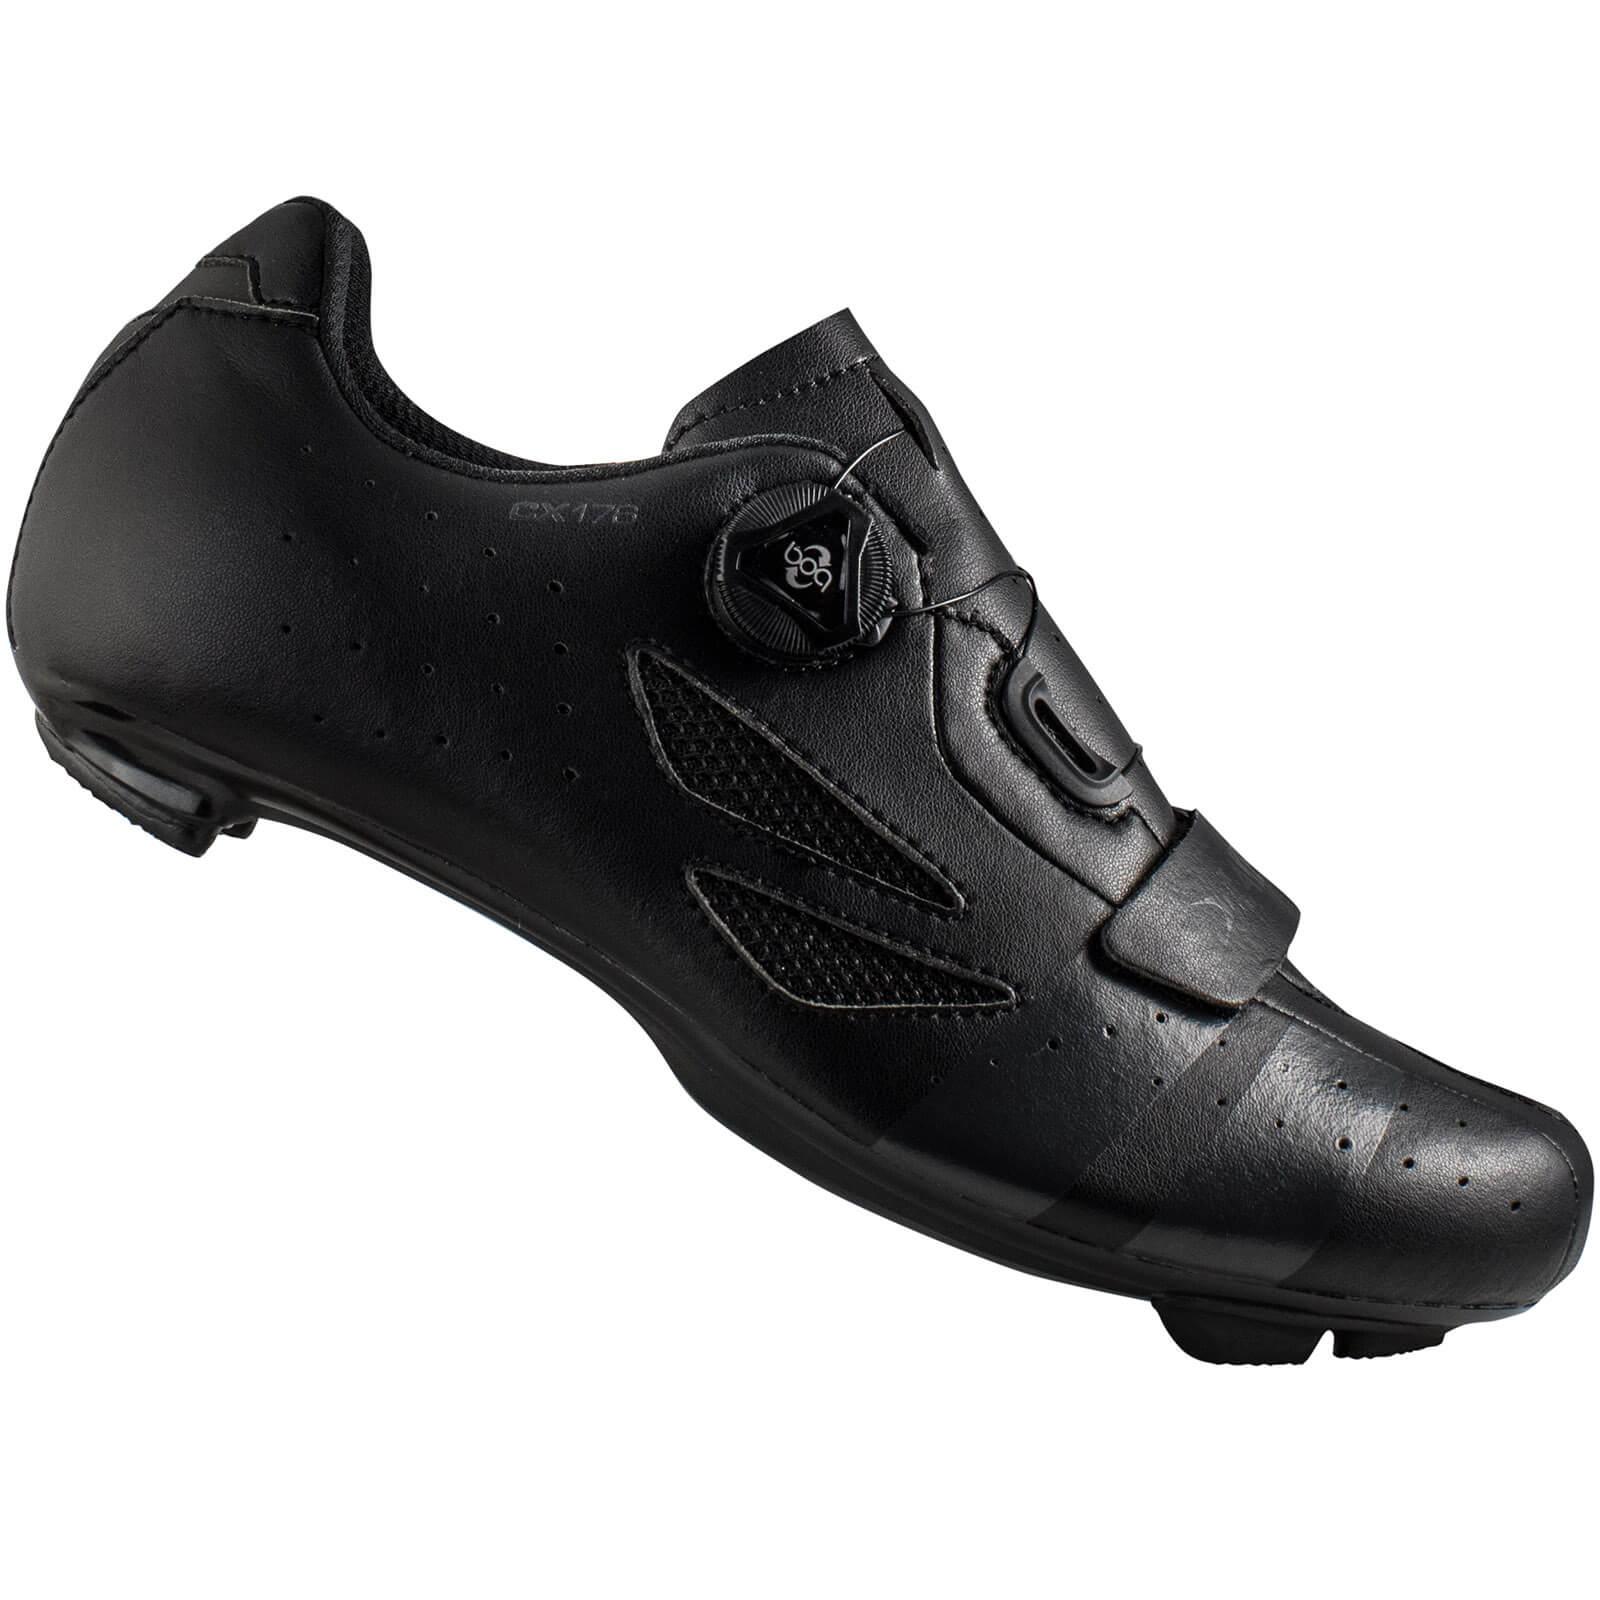 Lake CX176 Road Shoes - Black/Grey - EU 39